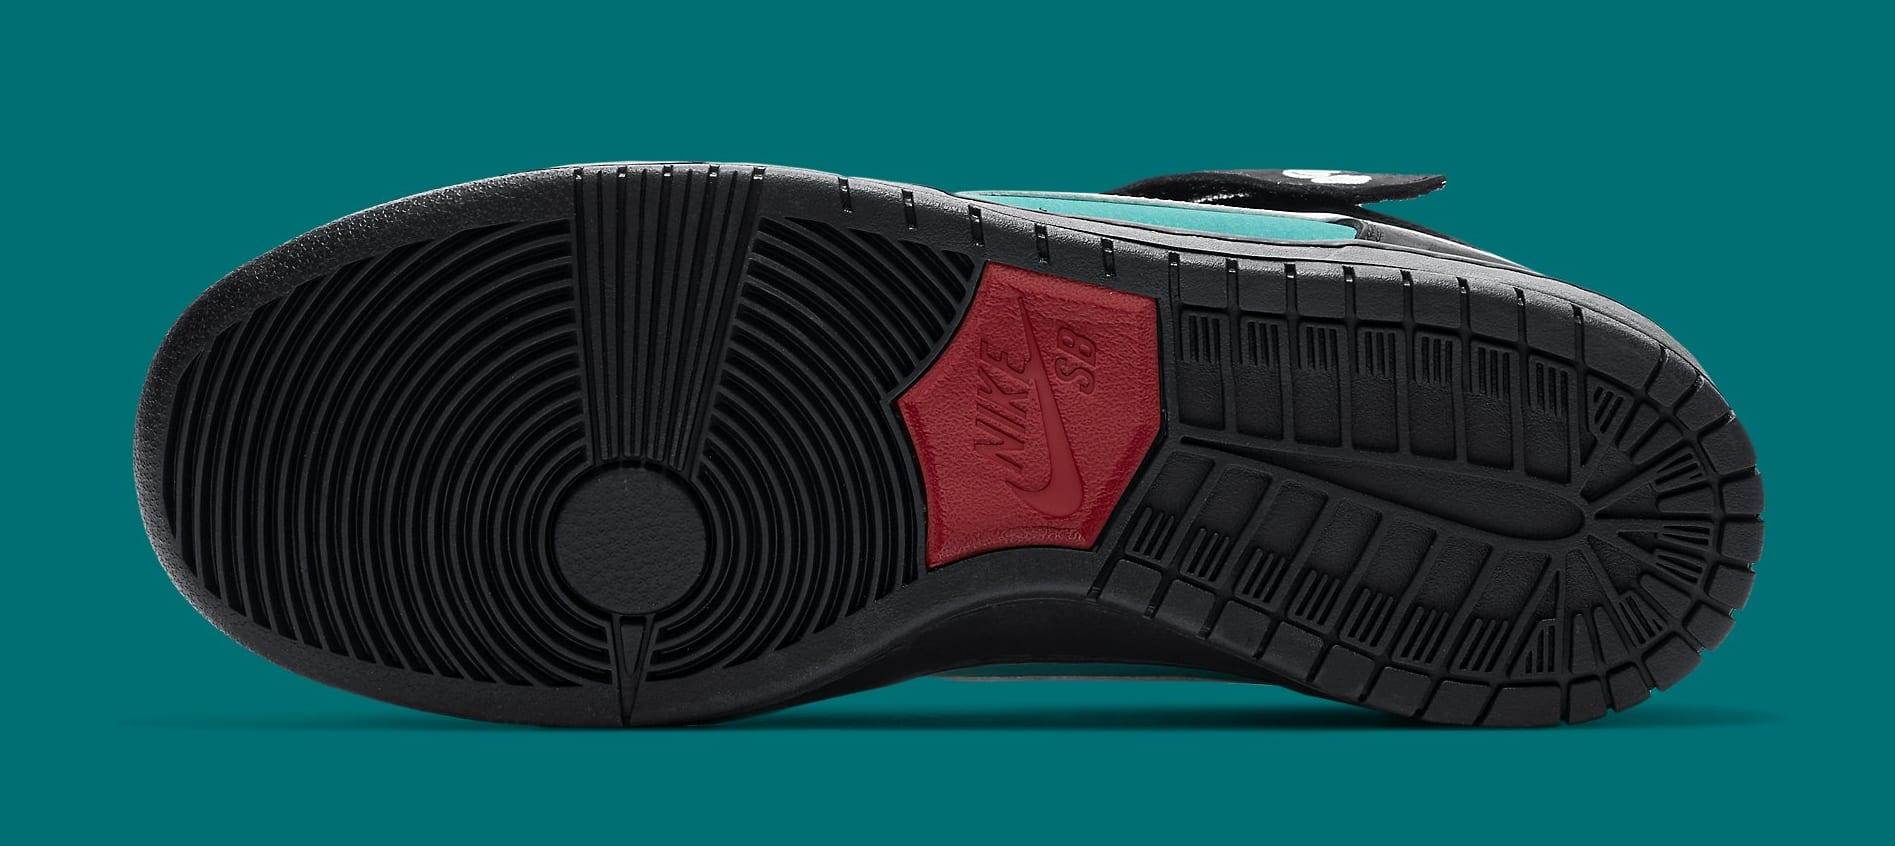 5月9日 発売予定 NIKE SB DUNK MID PRO ISO GRIFFEY JR CV5474-001